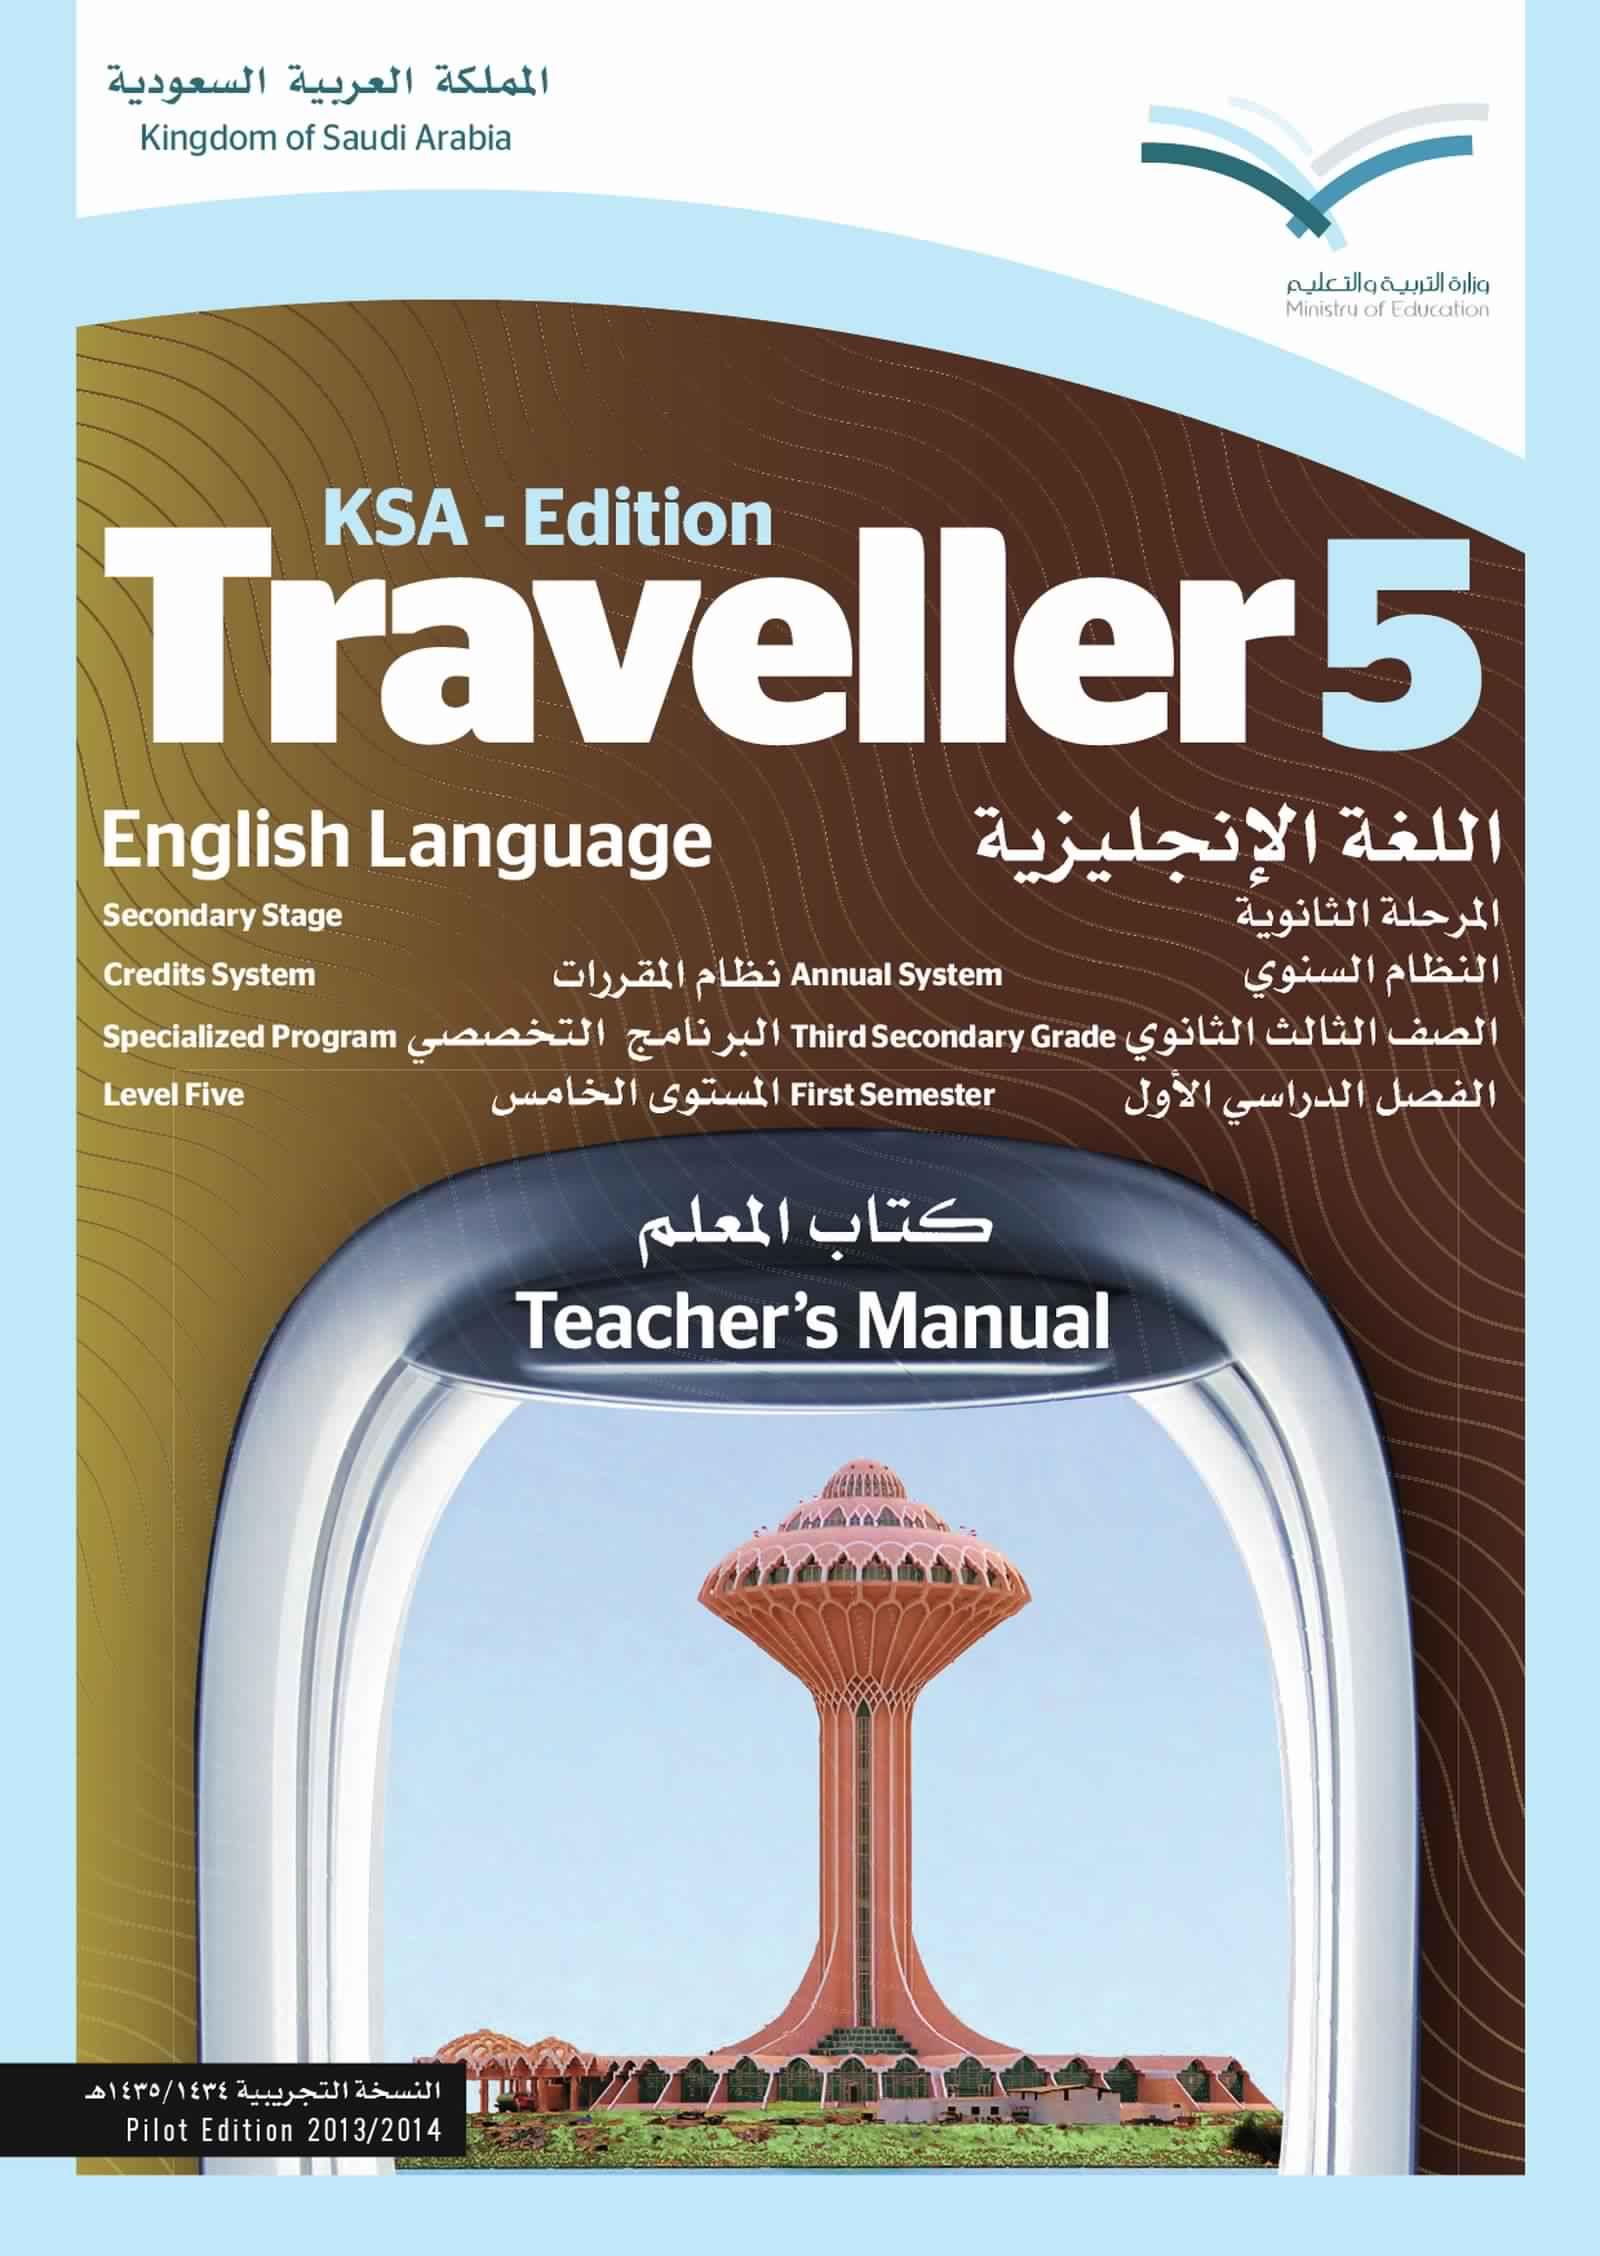 كتاب الطالب traveller 3 pdf